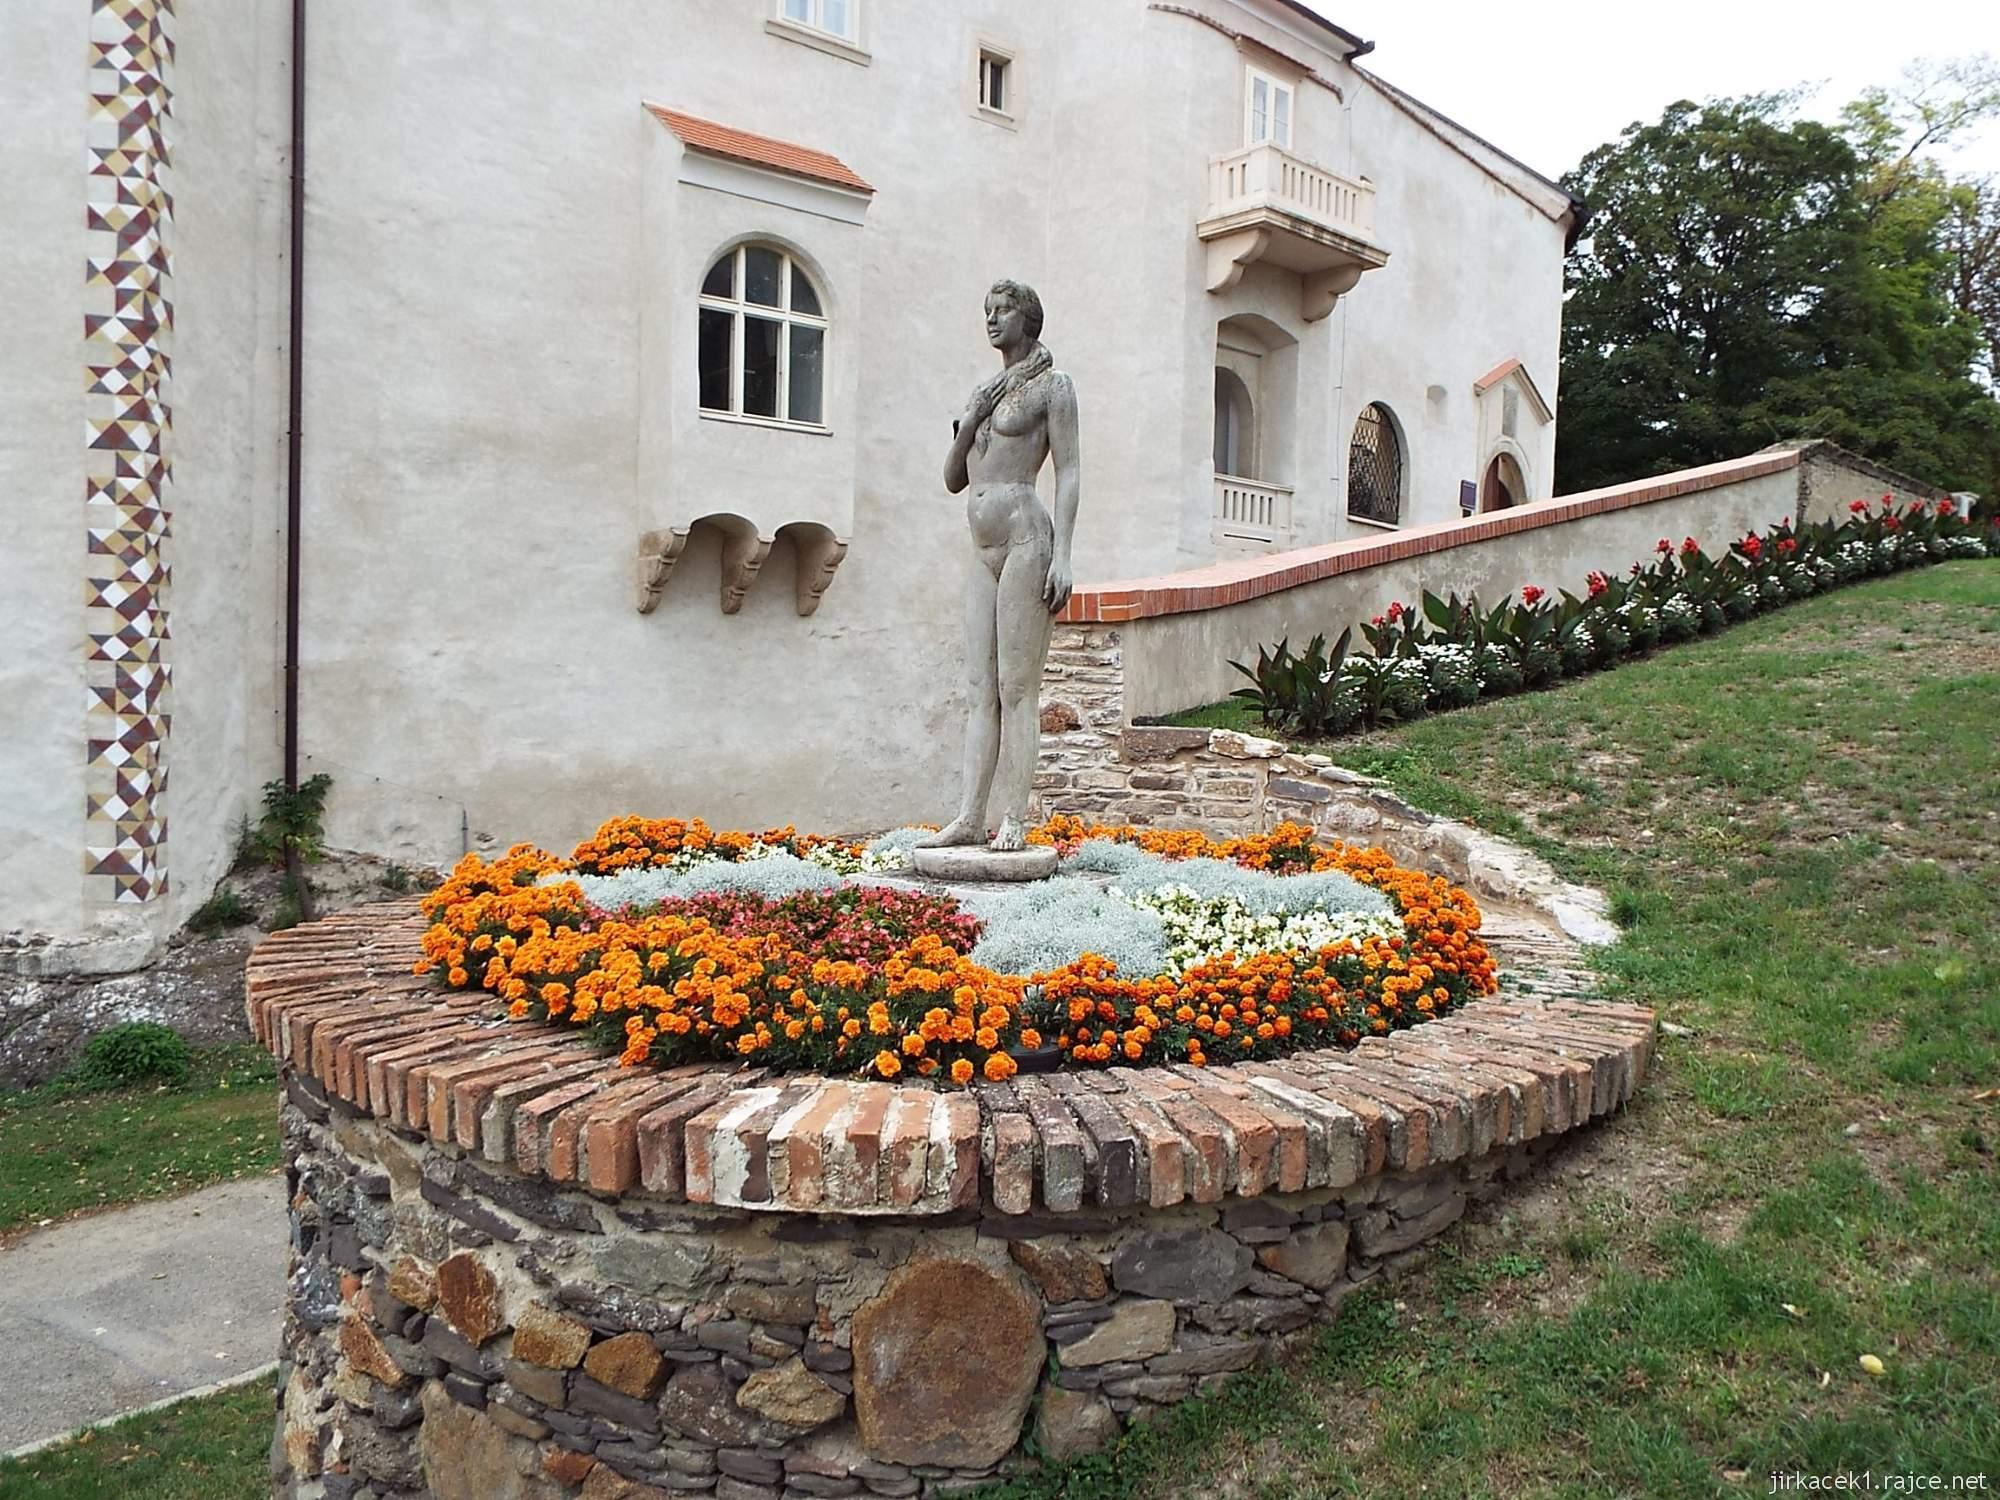 zámek Miroslav 04 - socha kněžny Miroslavy, která nechala podle pověsti vodní tvrz postavit na malé skále uprostřed bažin